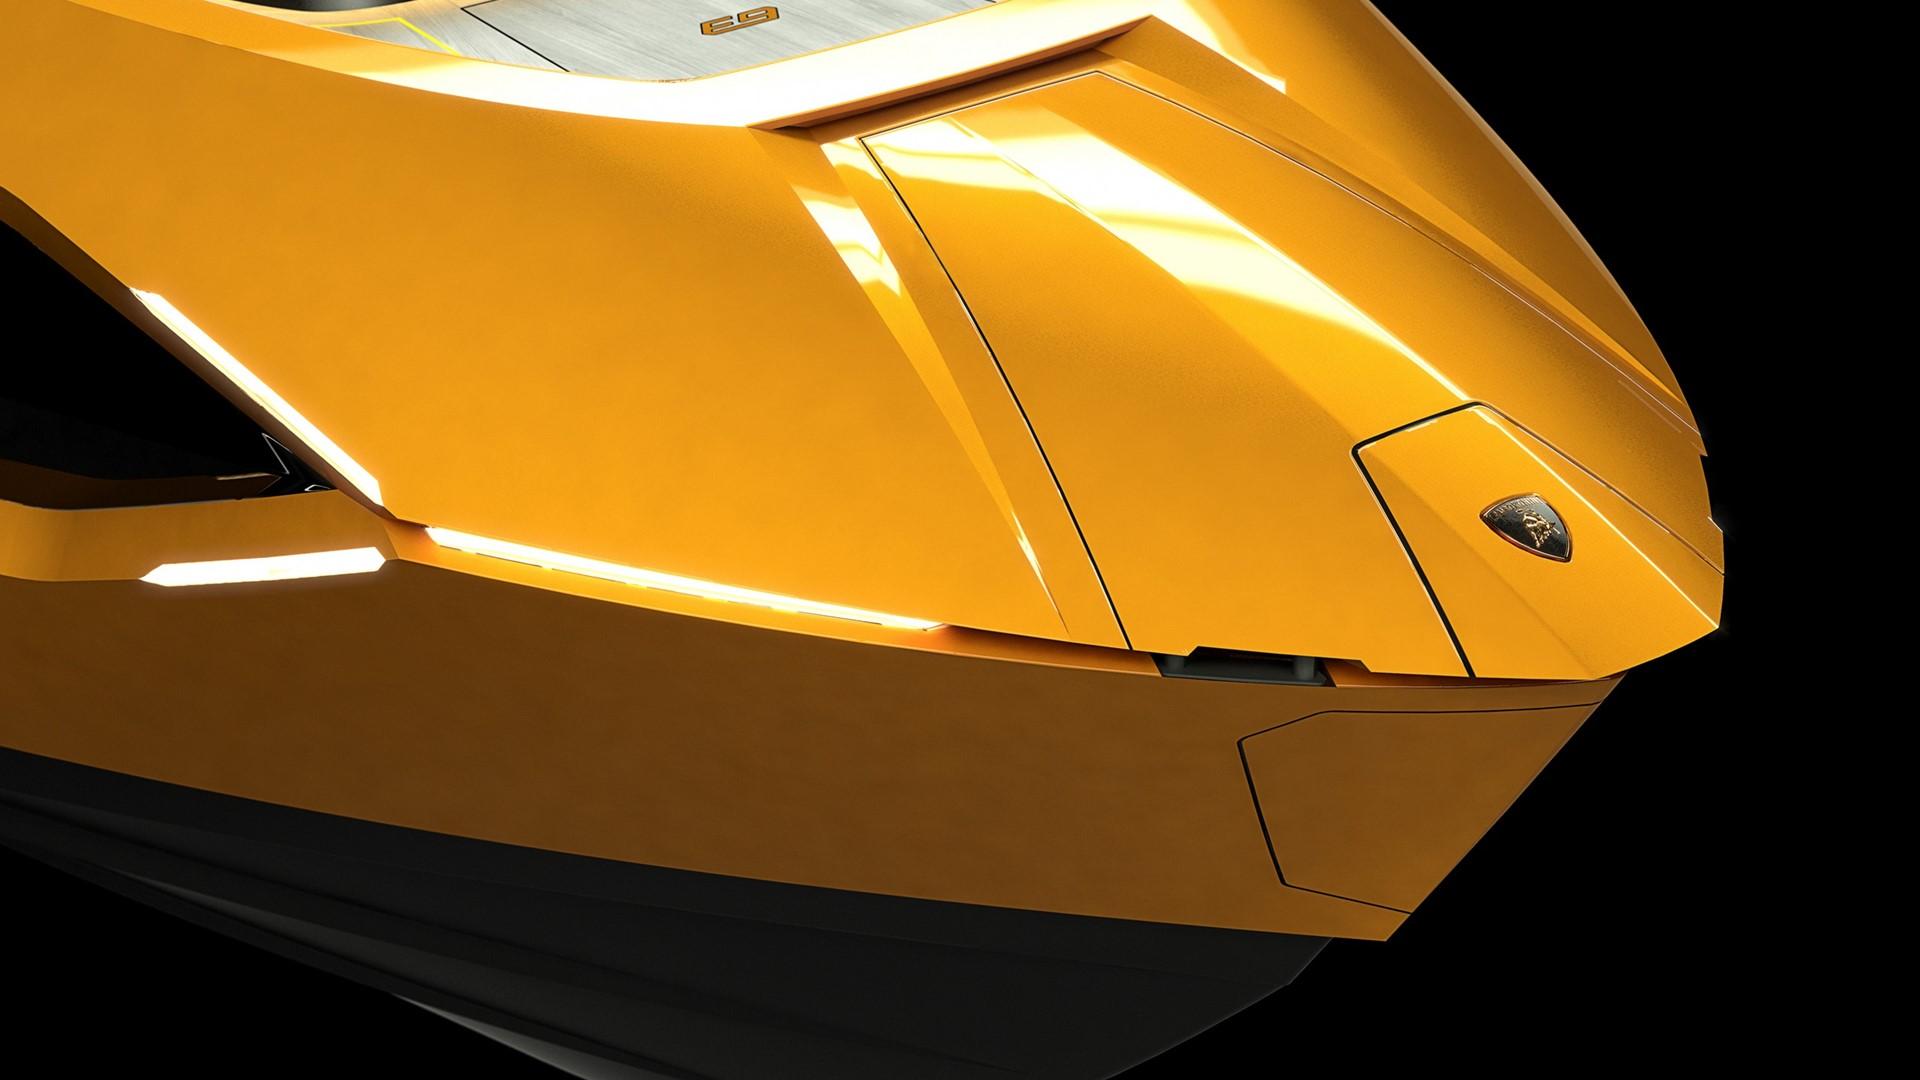 Automobili Lamborghini and The Italian Sea Group unveil the motor yacht 'Tecnomar for Lamborghini 63' - Image 1